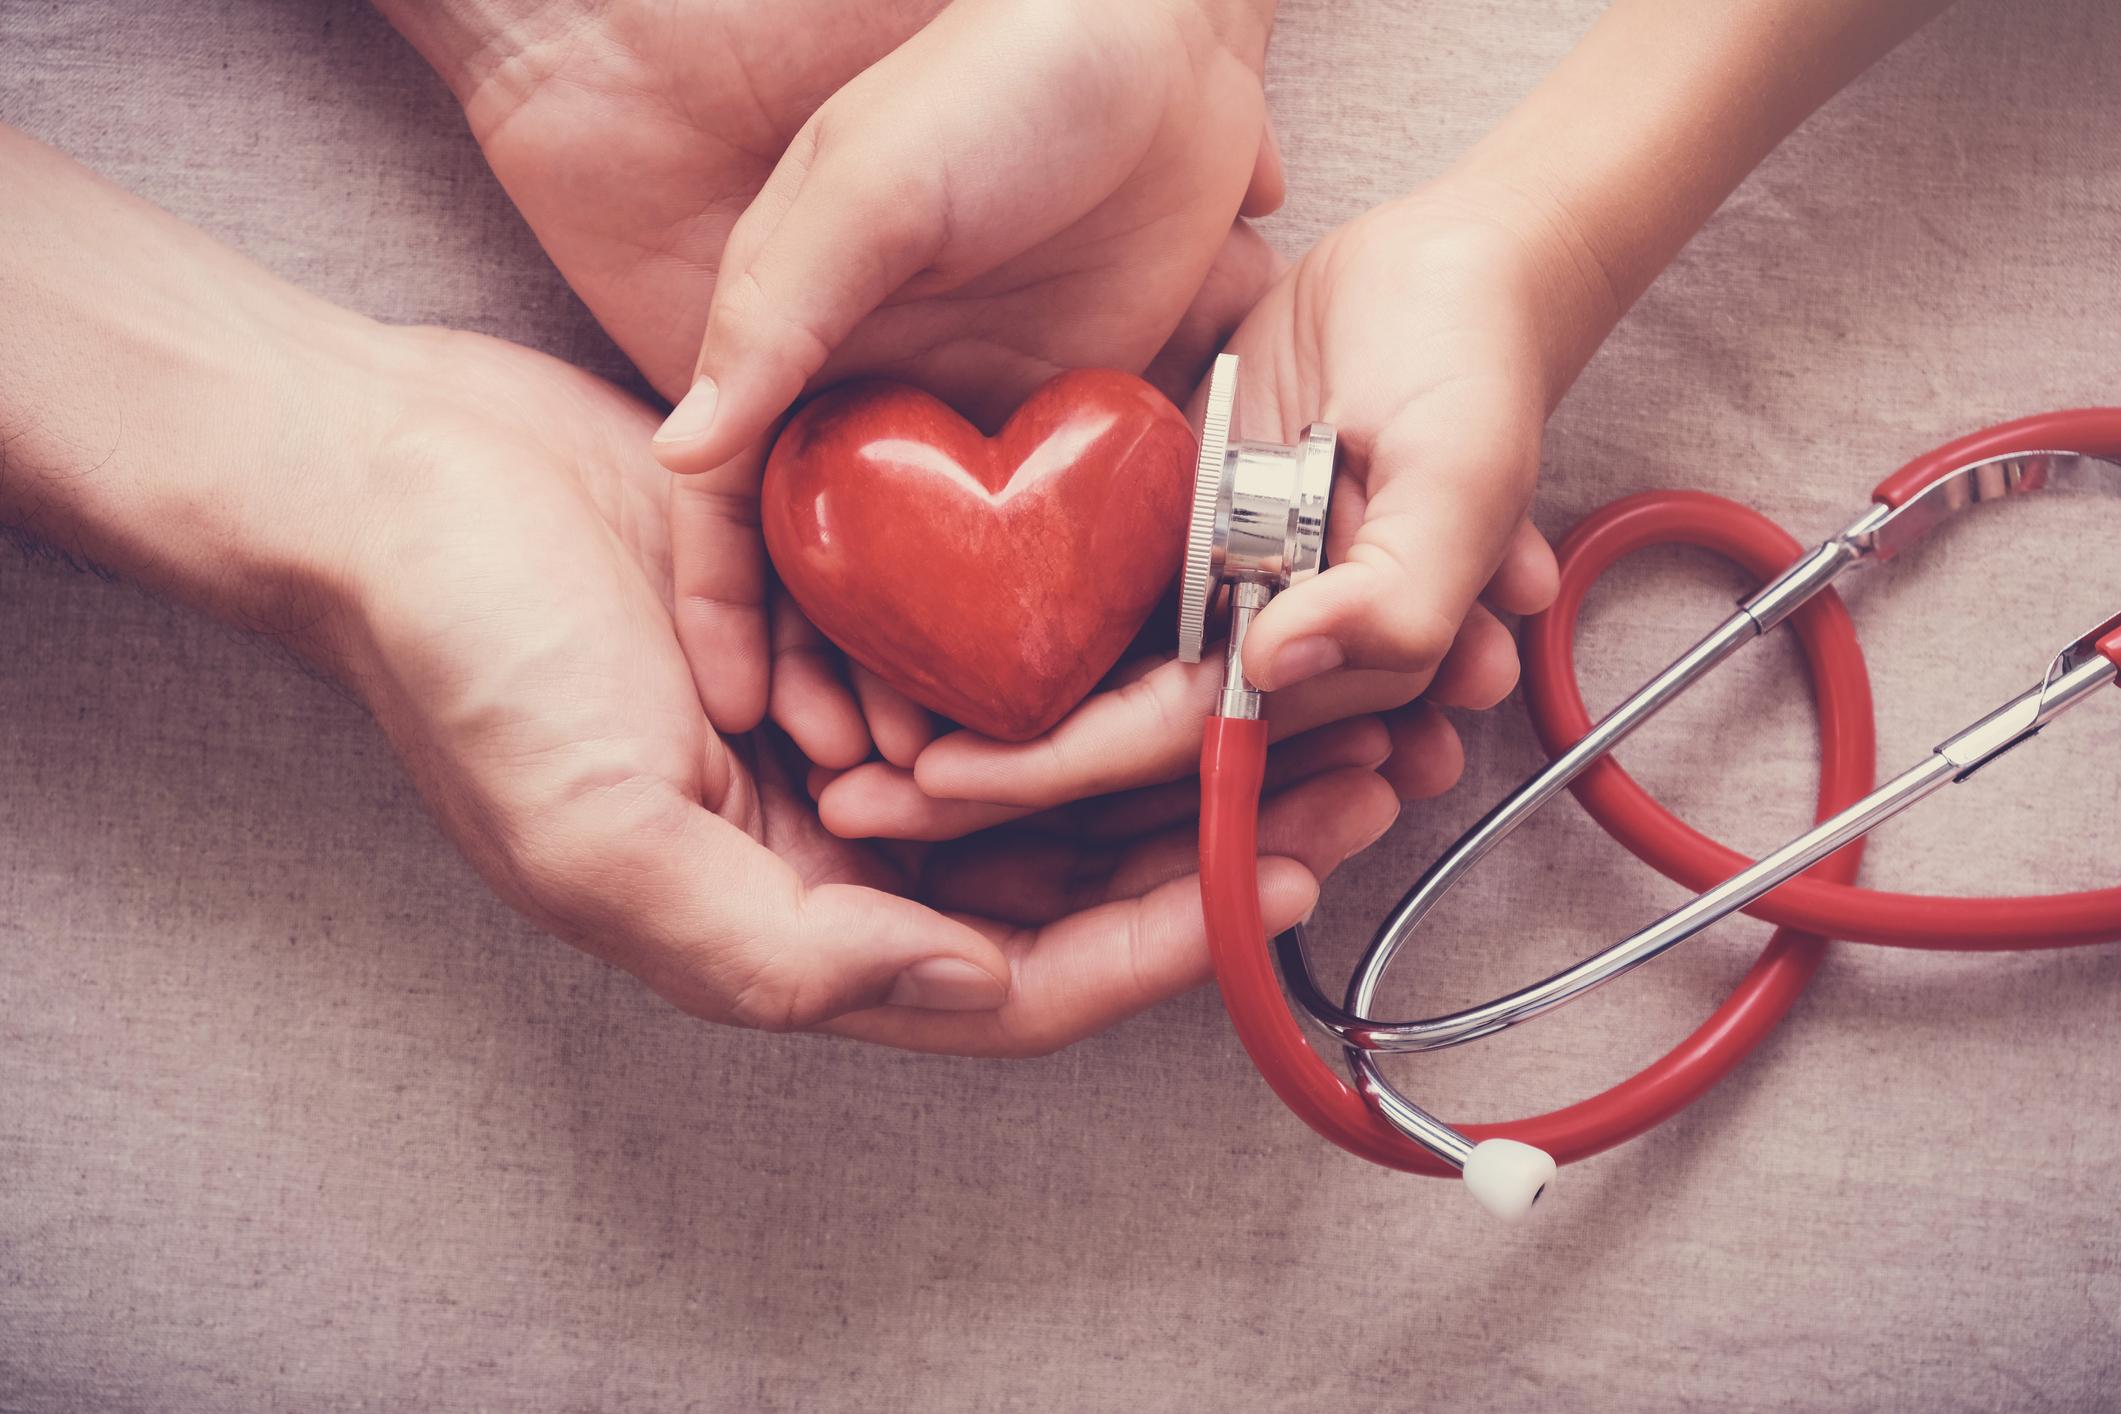 Apport de l'Acupuncture dans le traitement de l'Hypertension Artérielle - Dr Nguyen à Paris